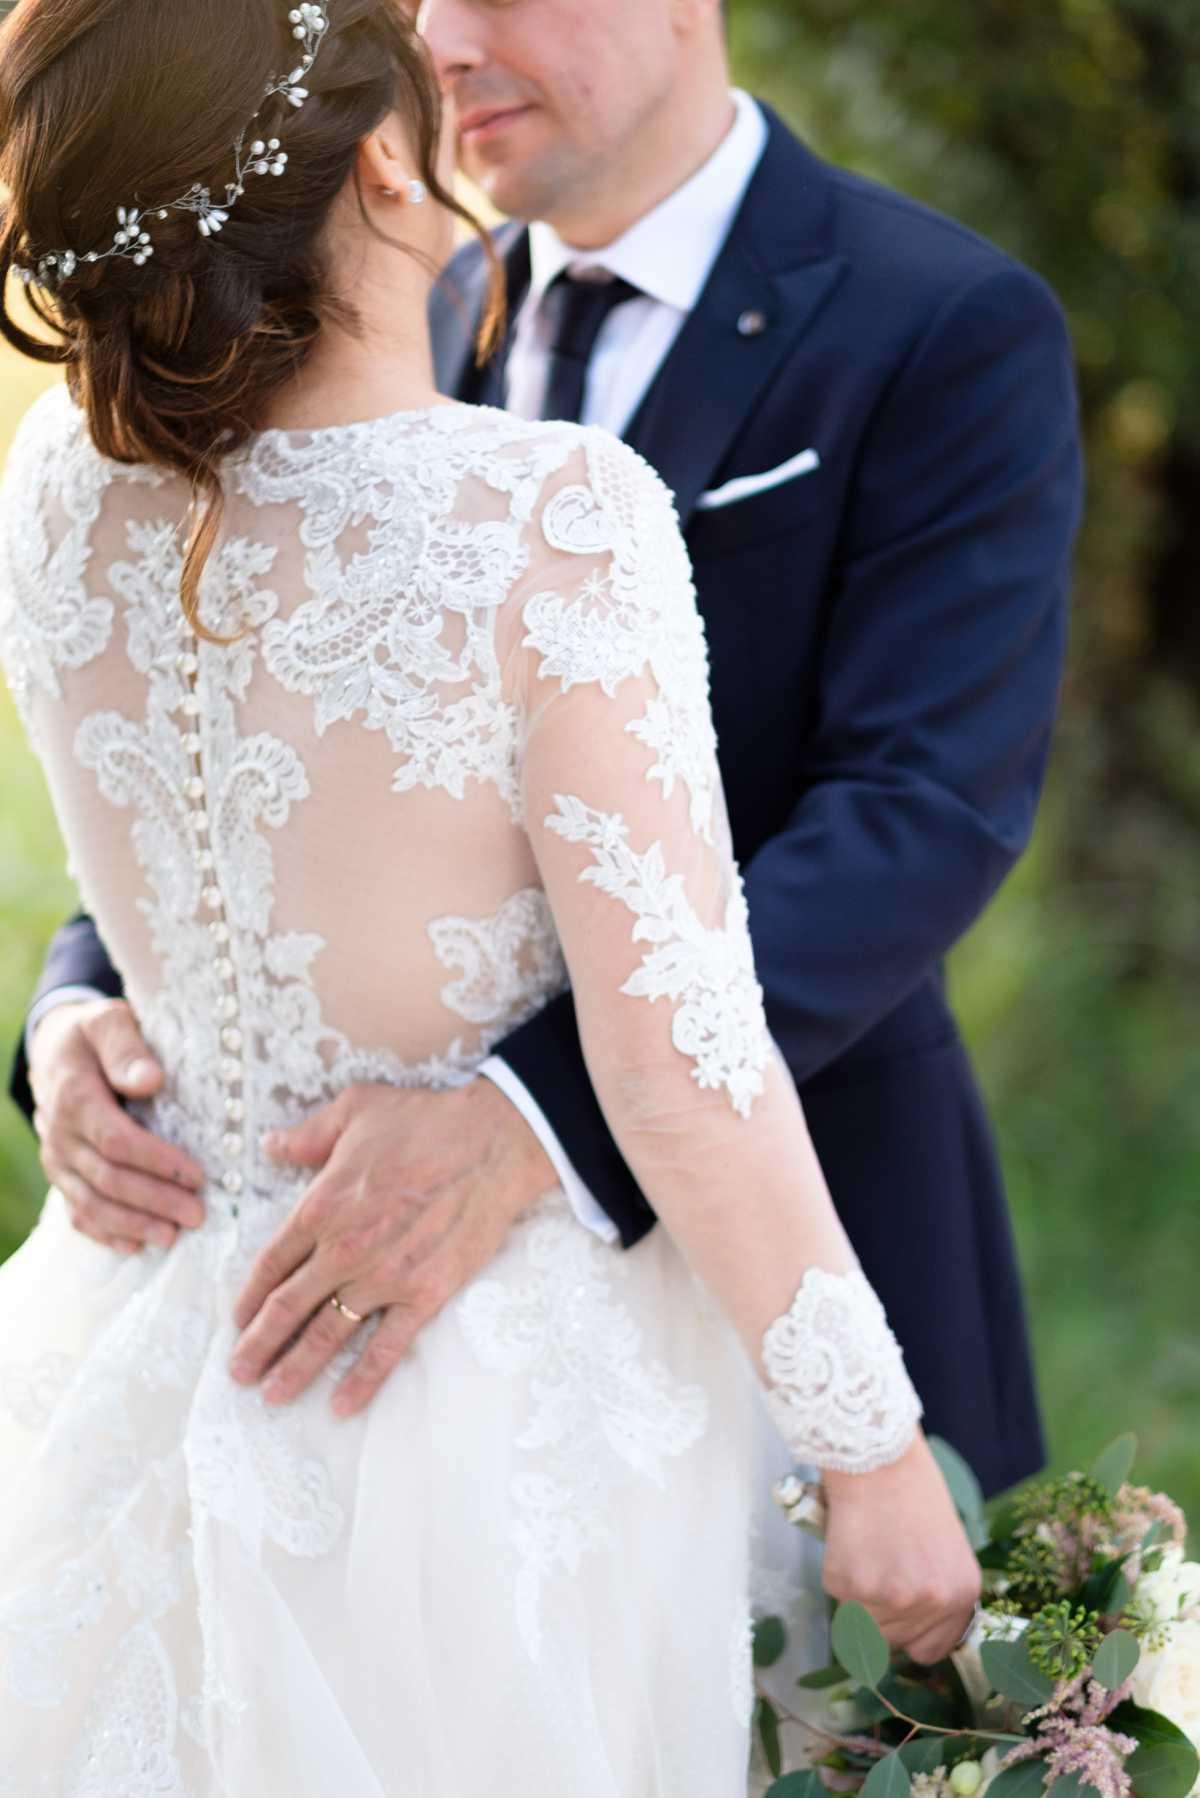 Fotografo di matrimoni a Verona coppia di sposi si abbraccia con abito in pizzo